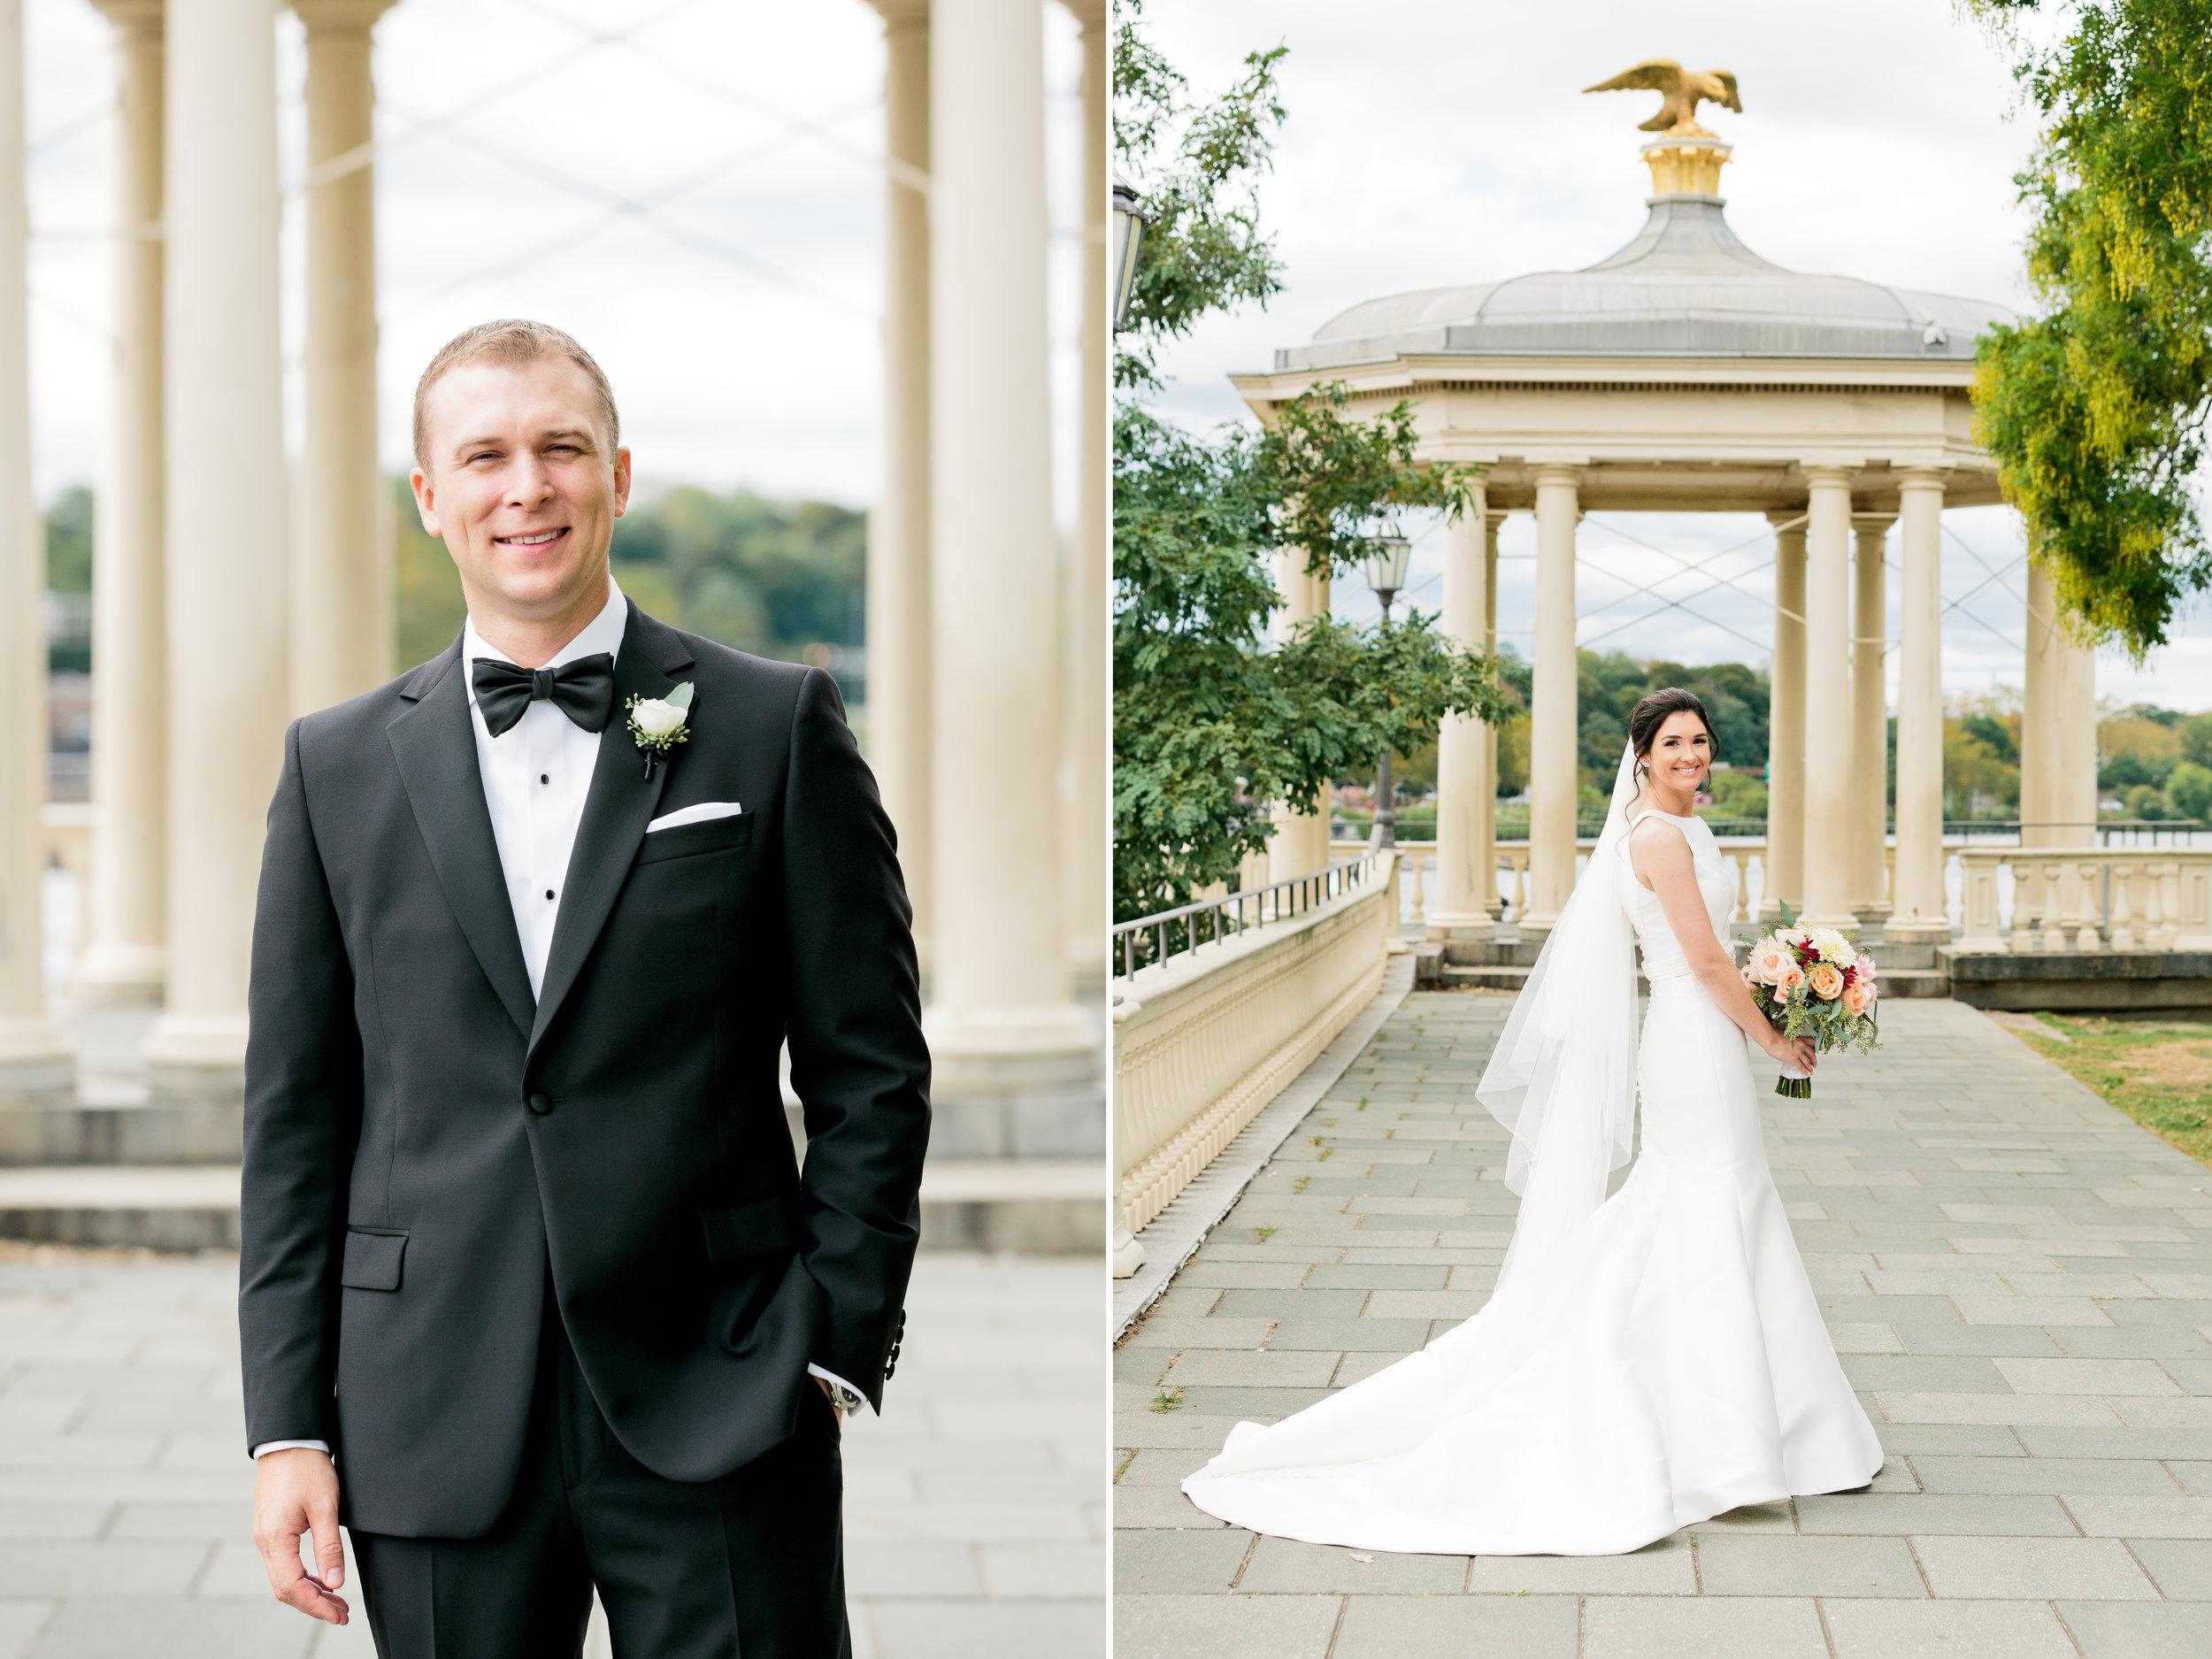 Hudson-Nichols-Black-Tie-Bride-Philadelphia-Waterworks-Wedding-Bride-Groom-Portraits26.jpg